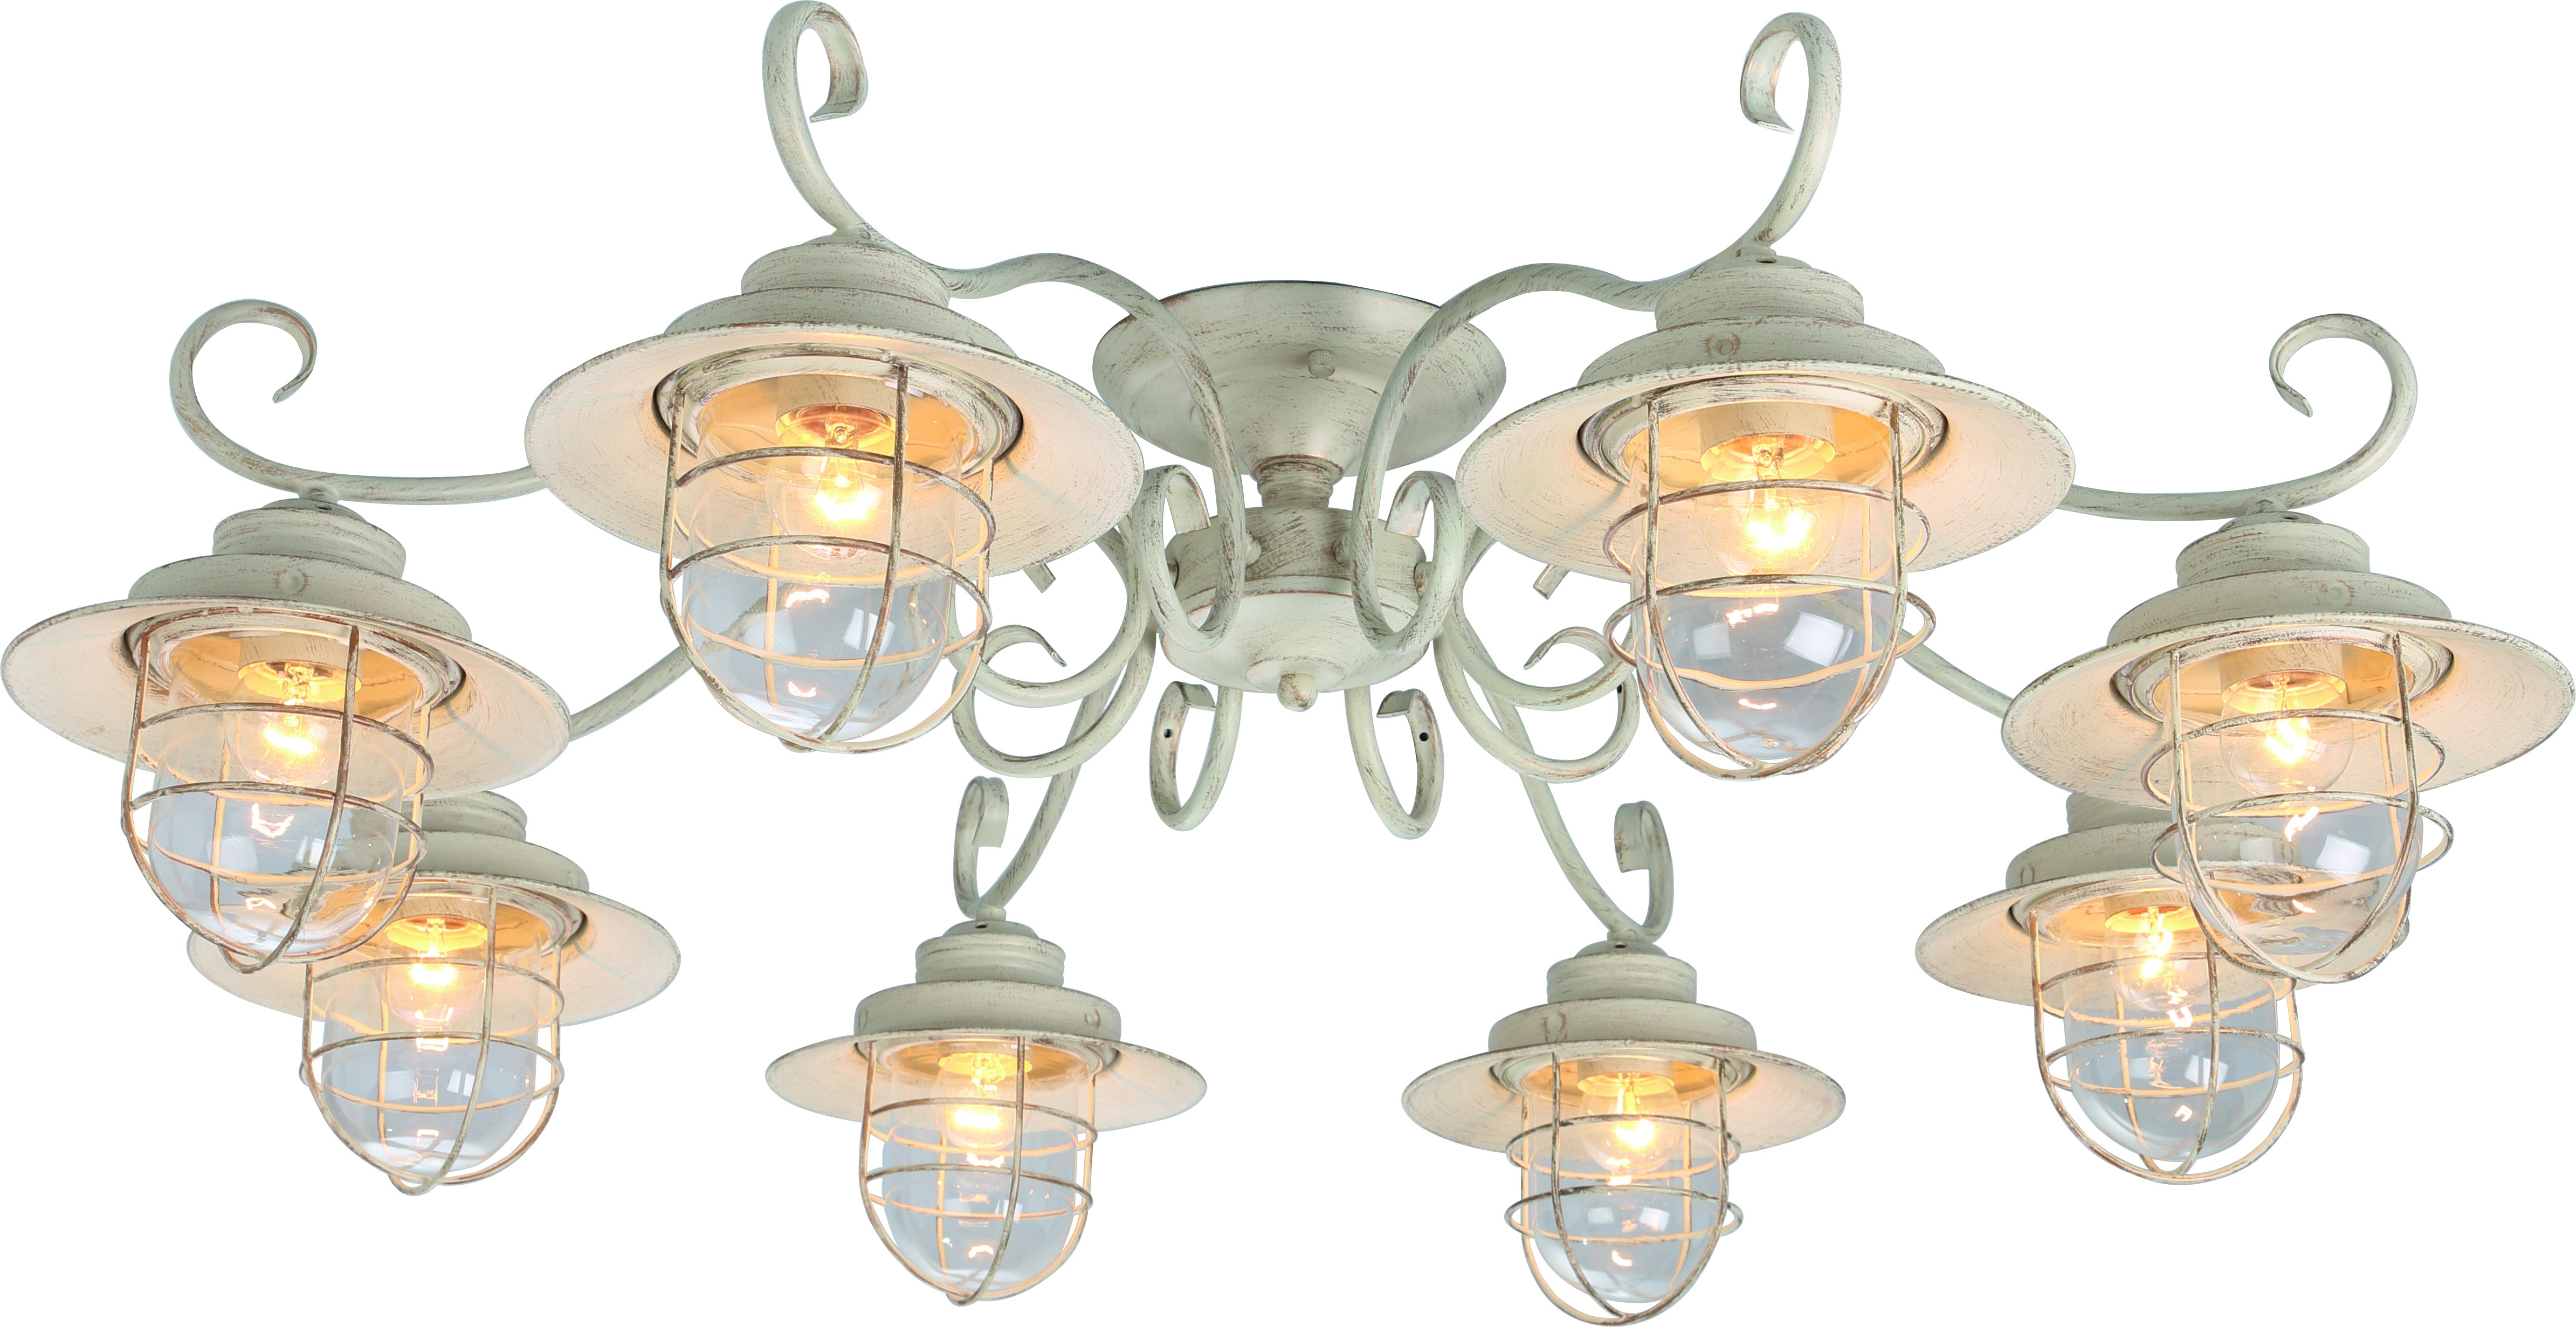 Люстра Arte lamp A4579pl-8wg люстра arte lamp a4579pl 8wg